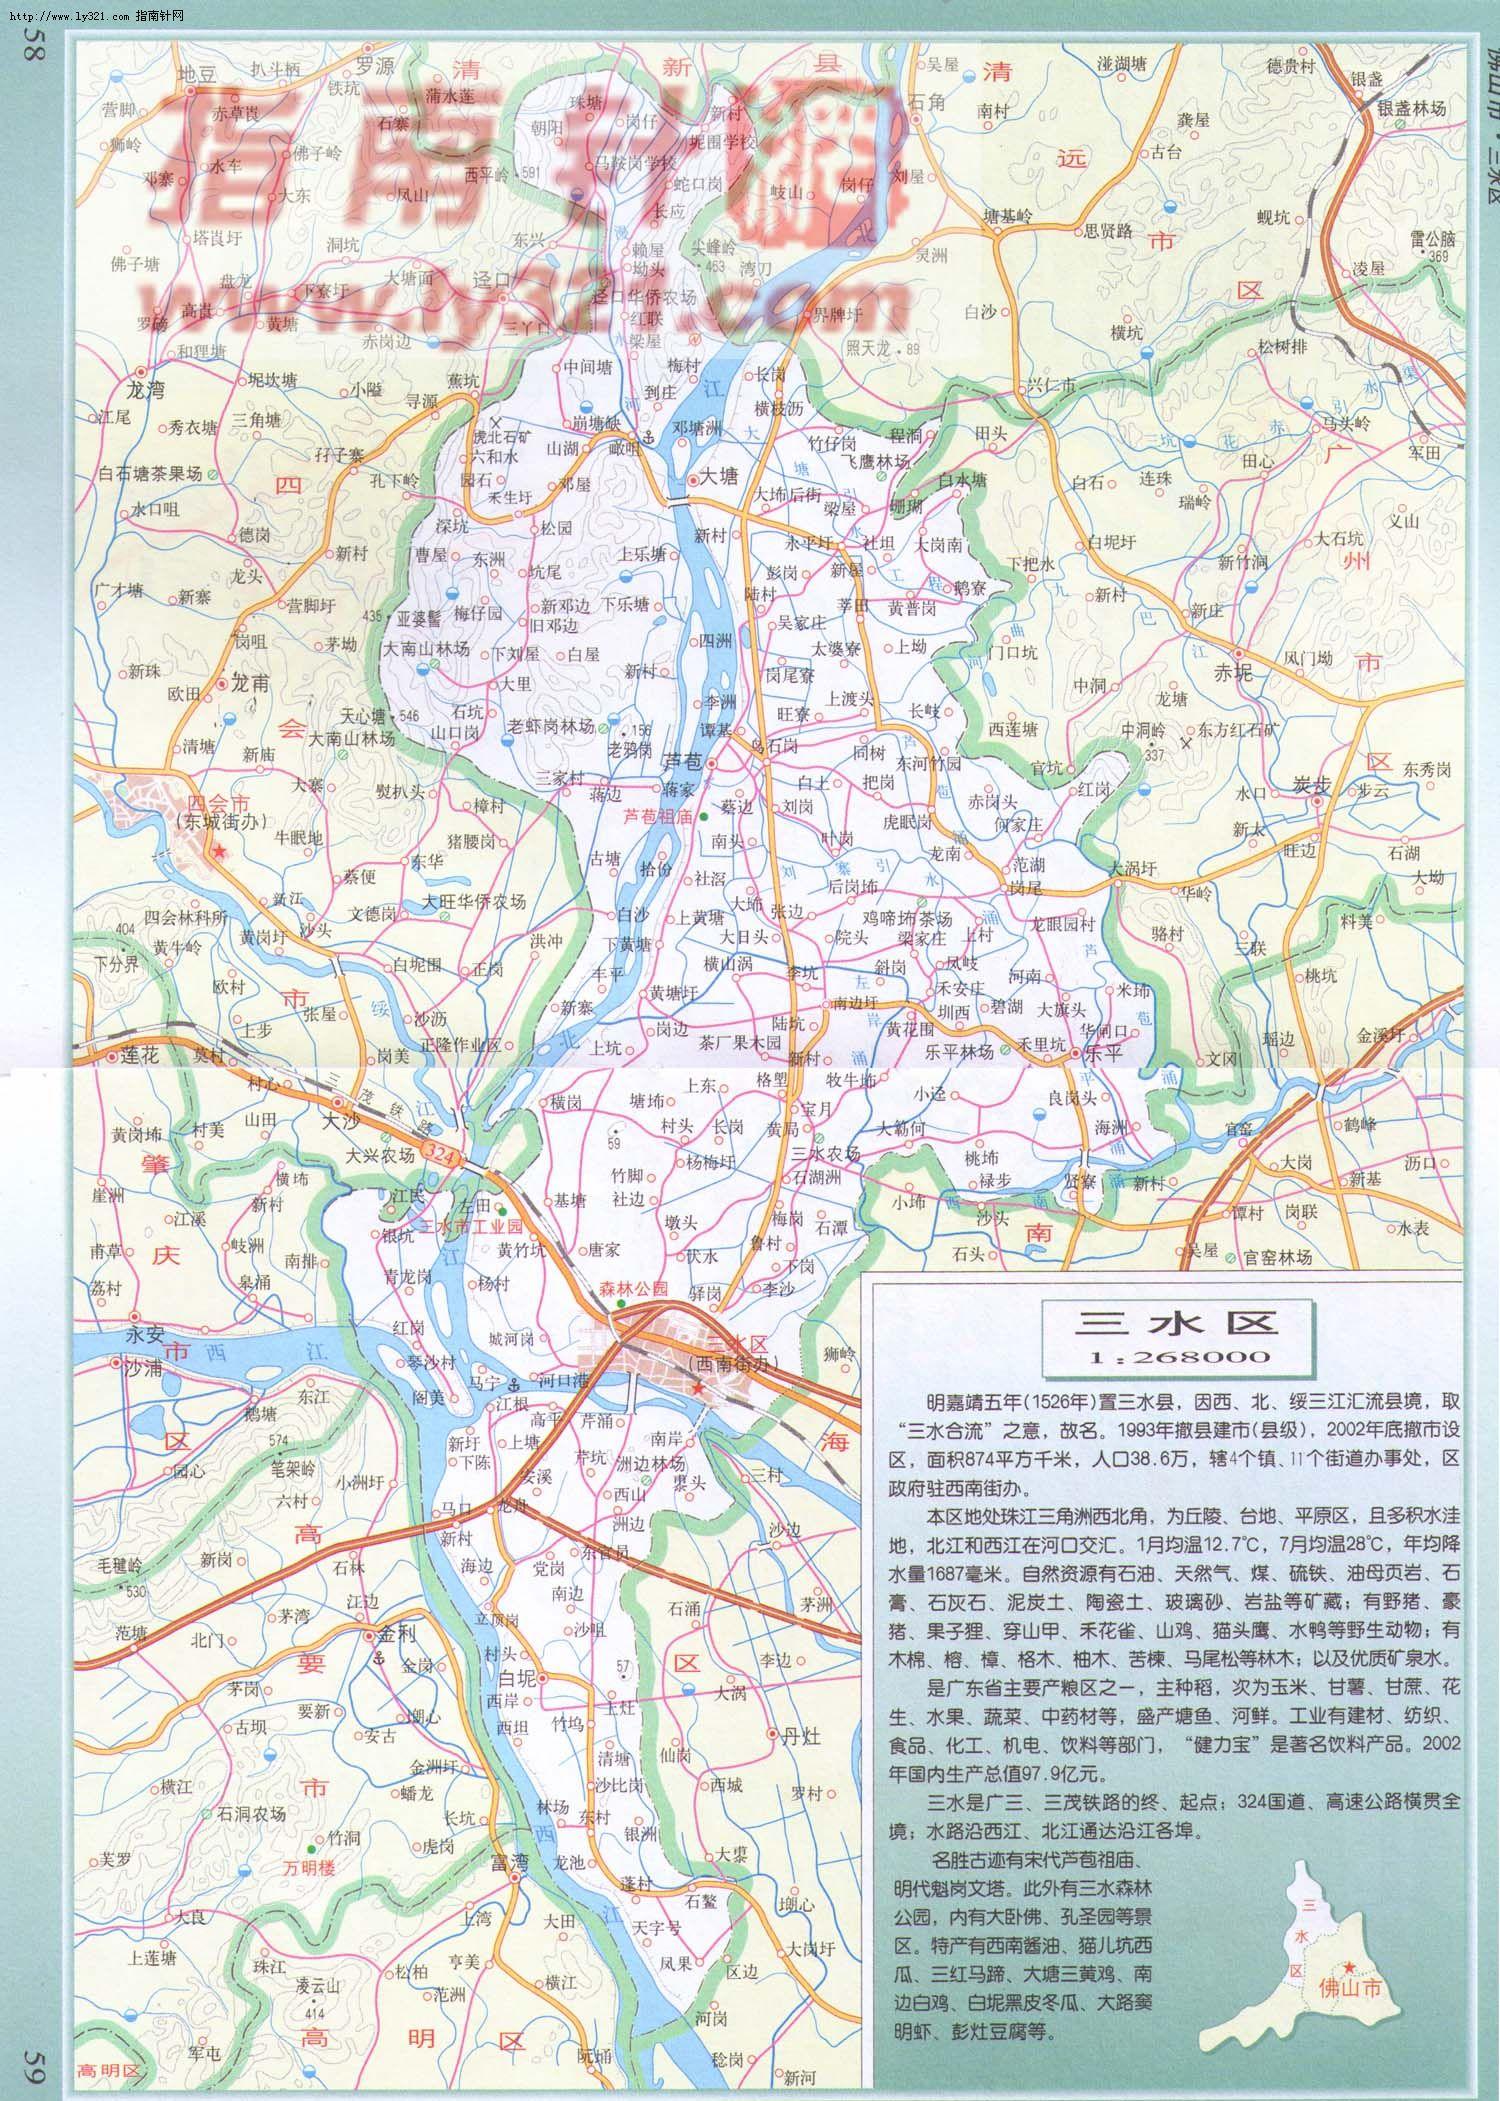 佛山禅城区市区包括哪些地方图片